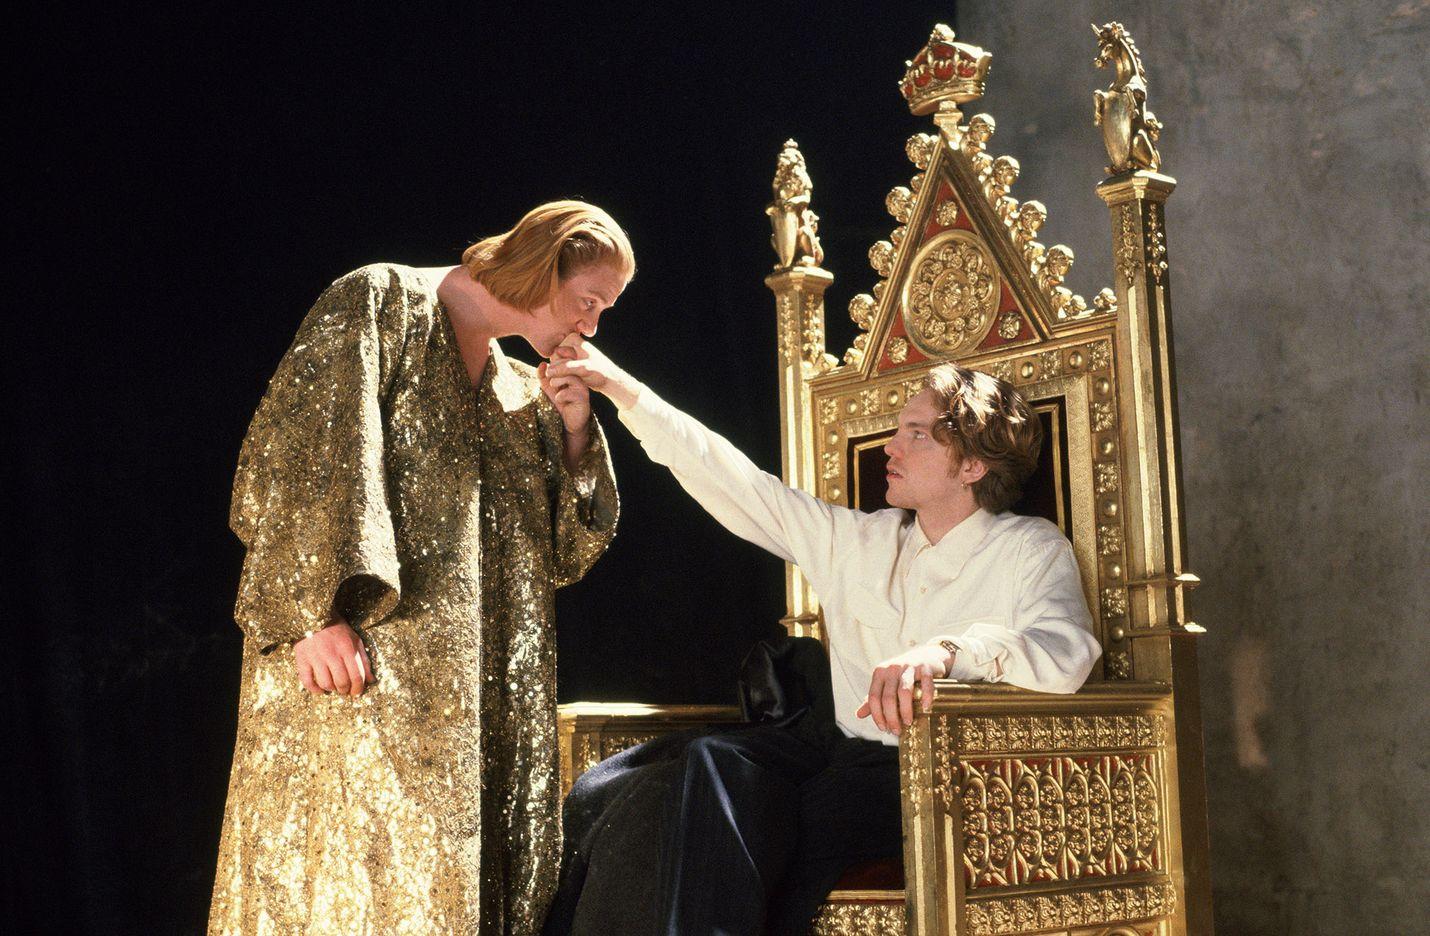 Edward II on Christopher Marlowen näytelmään perustuva romanttinen historiallinen draama, jossa kuninkaan hovi ja keskiaika kohtaavat poliittisen lgbt-aktivismin. Kuvassa Edward II (Steven Waddington) ja Piers Gaveston (Andrew Tiernan).